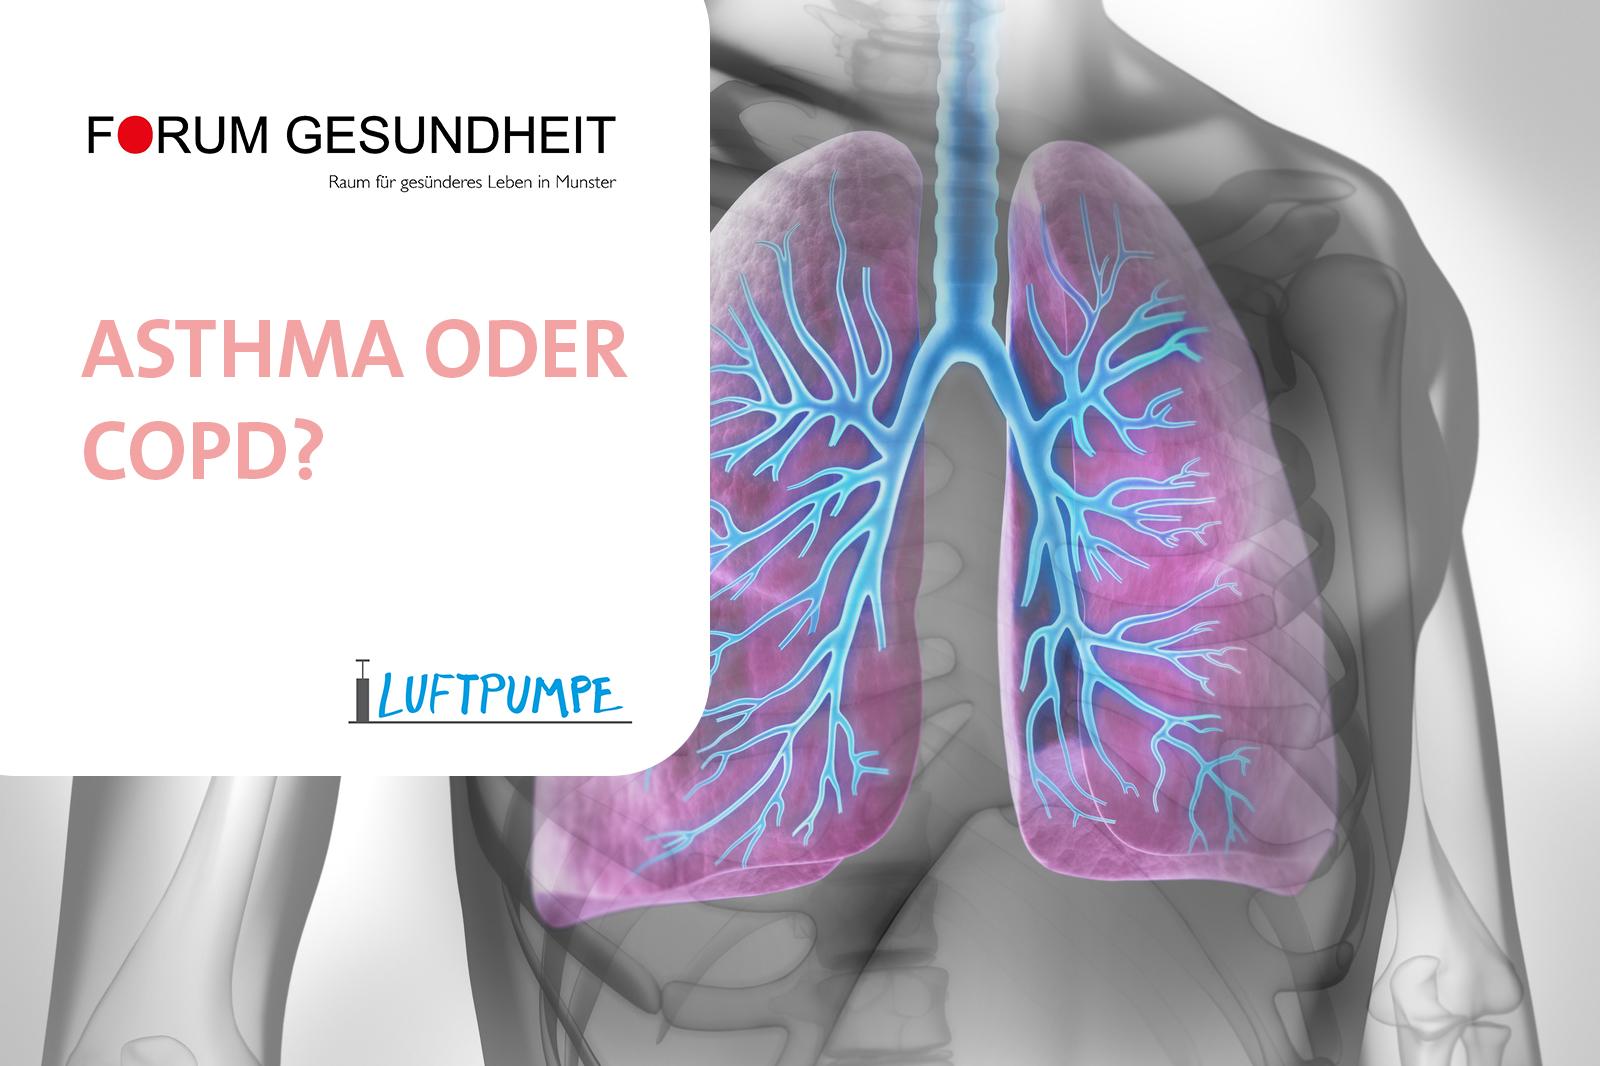 Herr Dr. Köhler zu Asthma und COPD